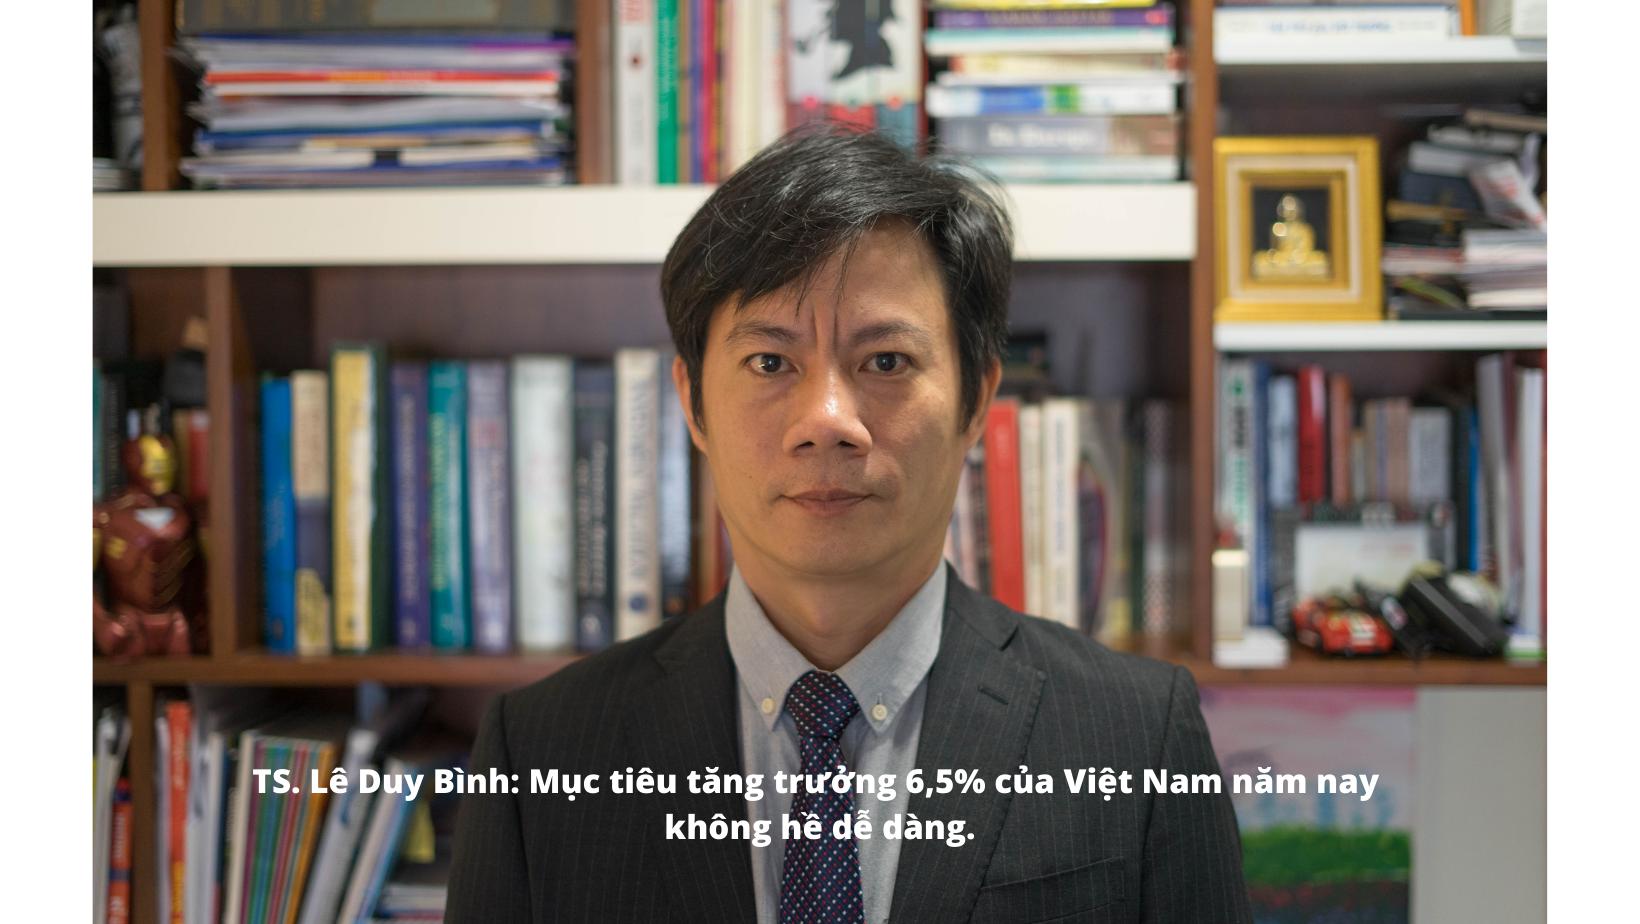 Covid-19 đe dọa tăng trưởng, kinh tế Việt Nam đối mặt 2 thách thức lớn - 1